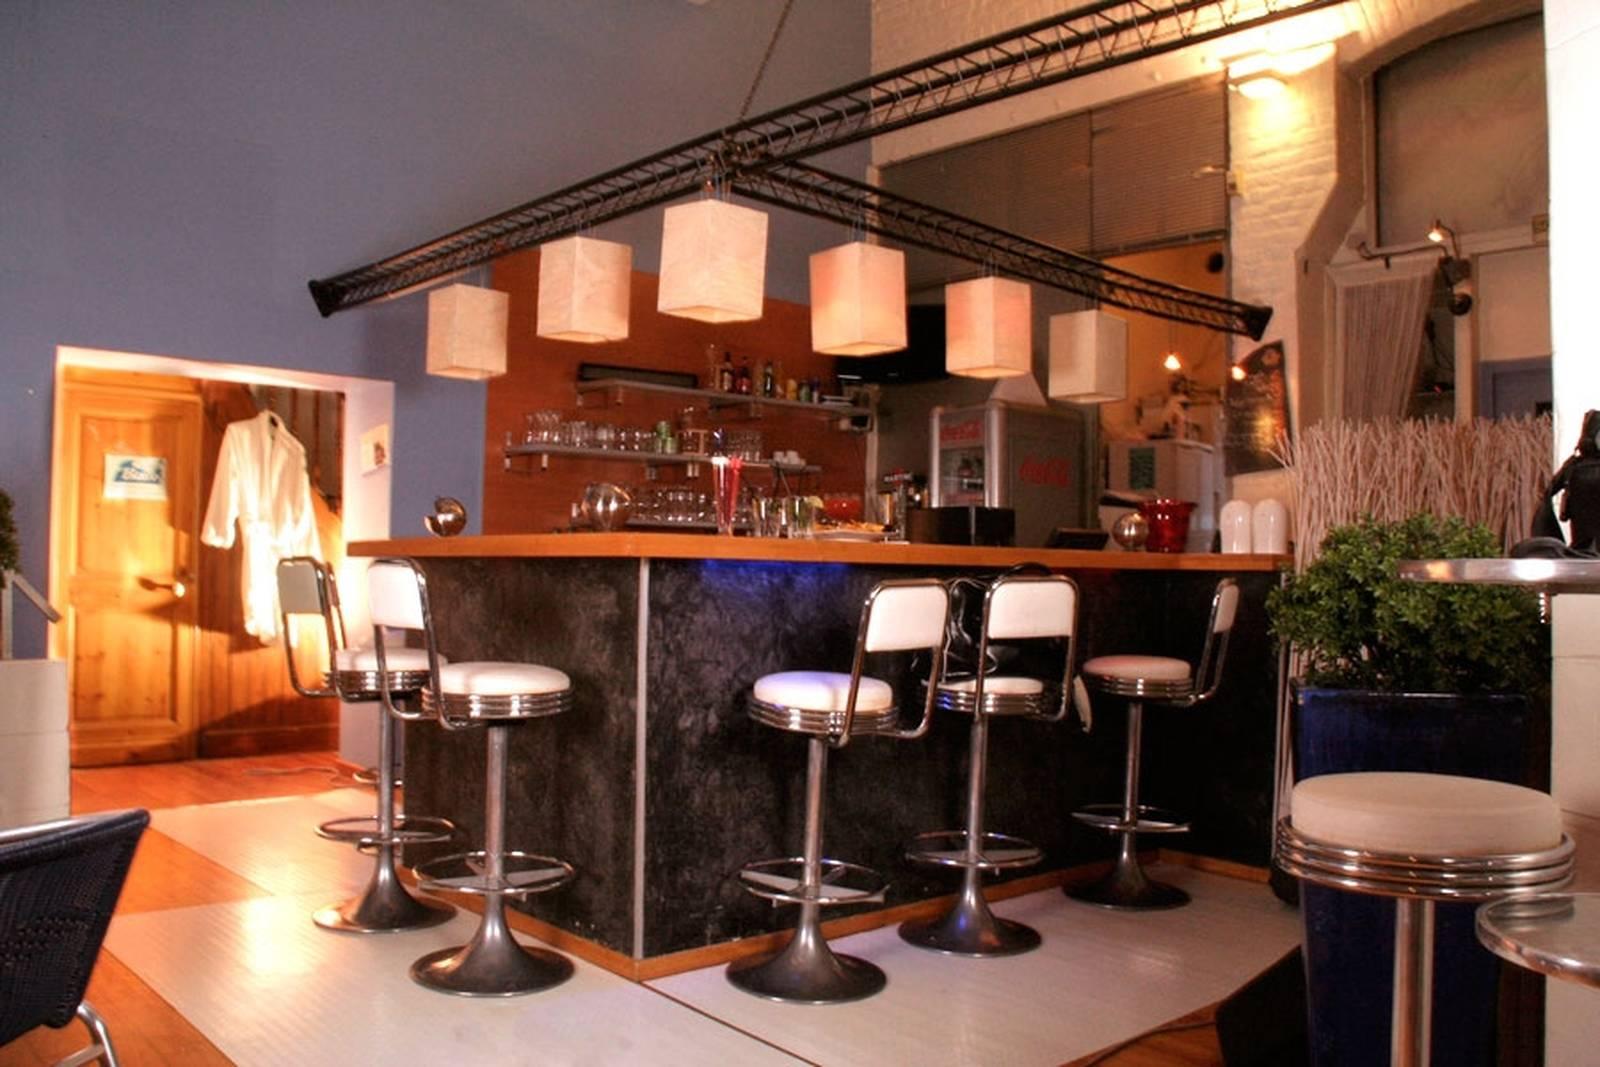 Sauna Les Bains Lille Gay Saunas Guide Misterb B